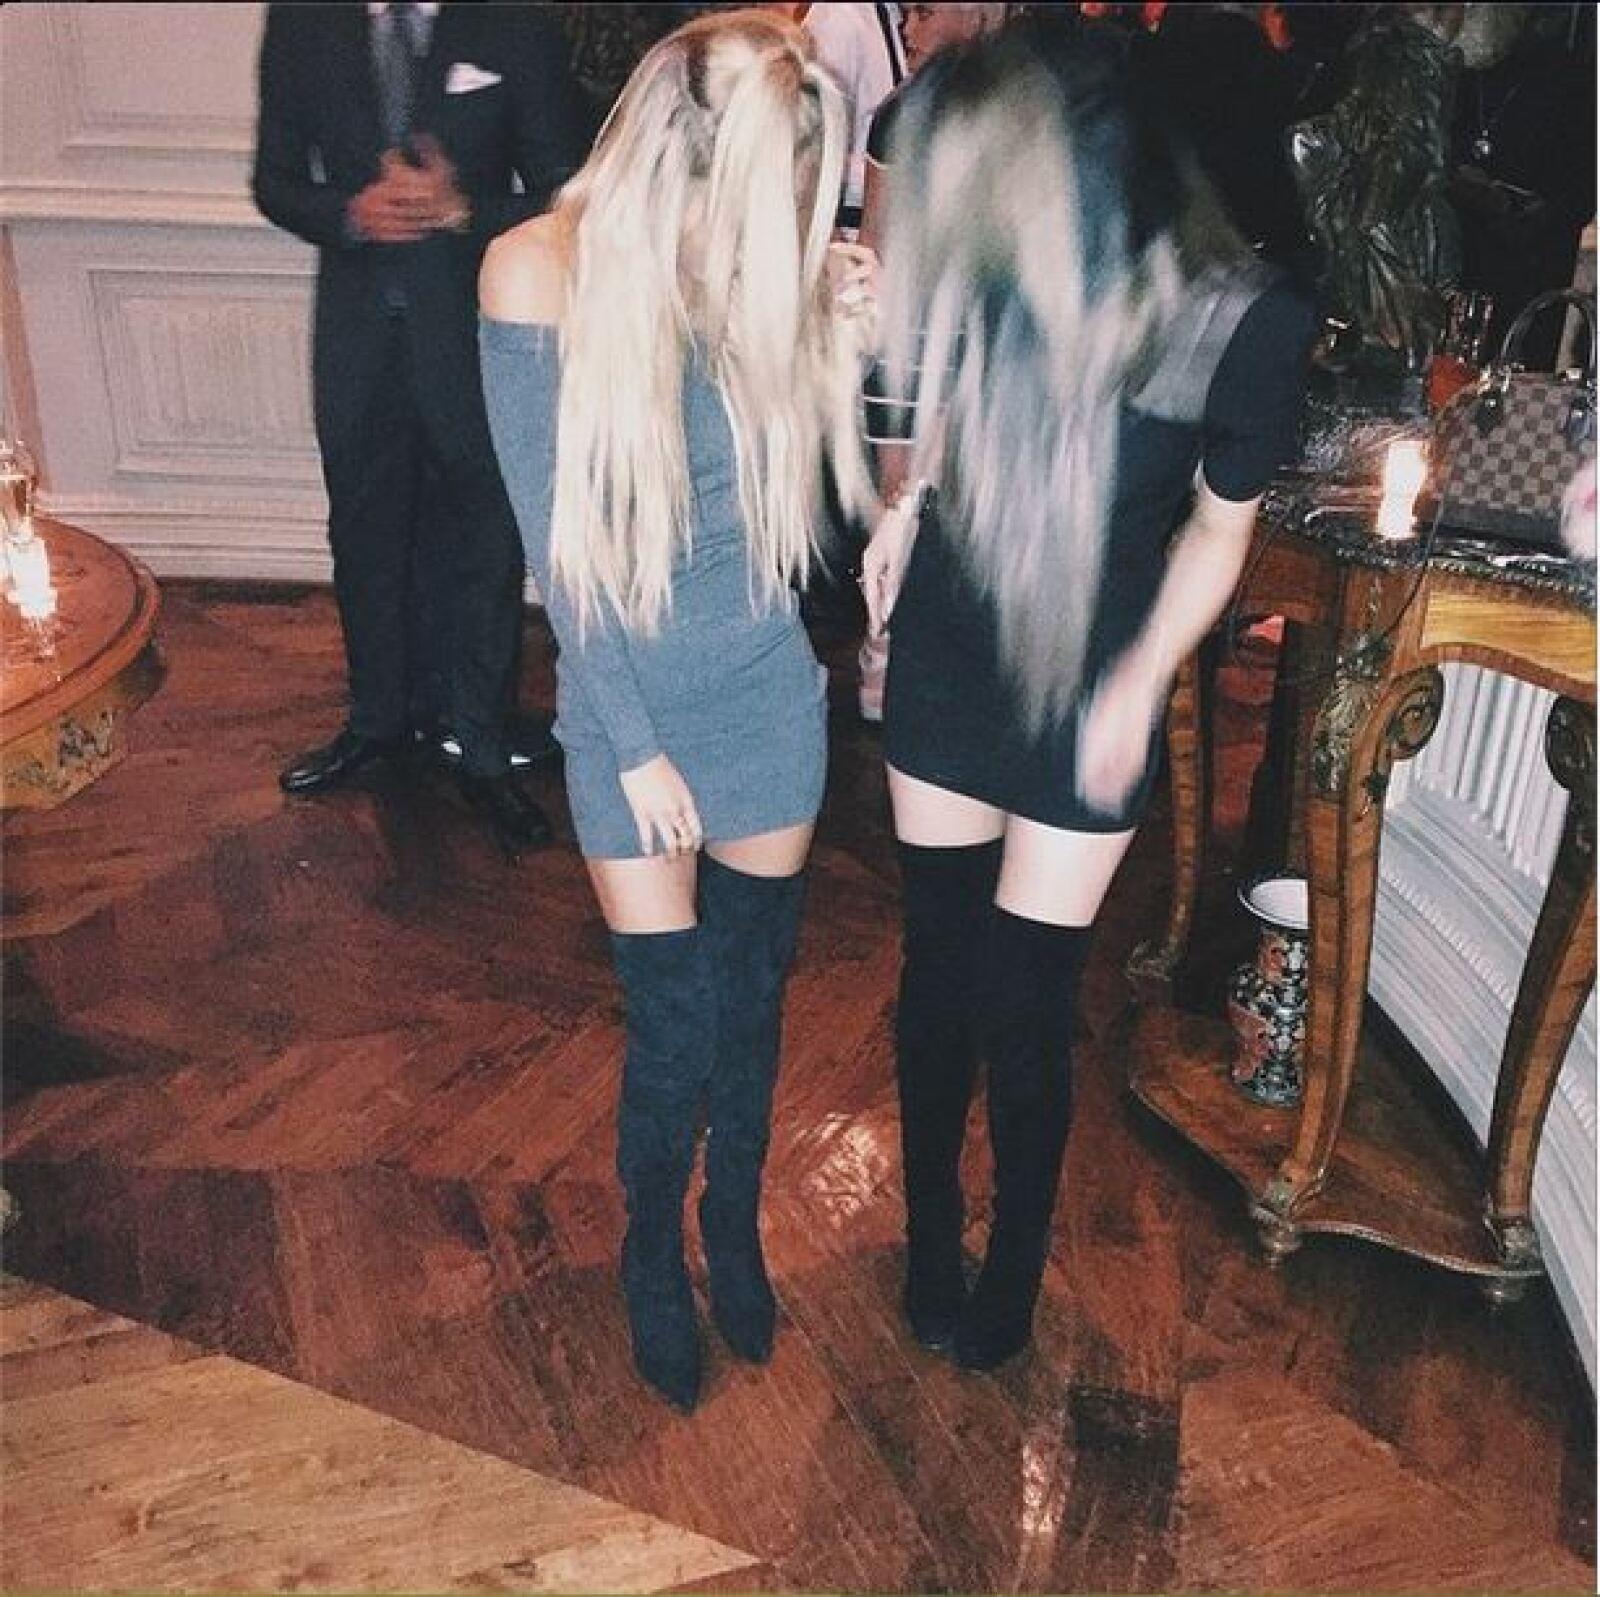 Kylie se divirtió con el look similar de una de sus amigas.